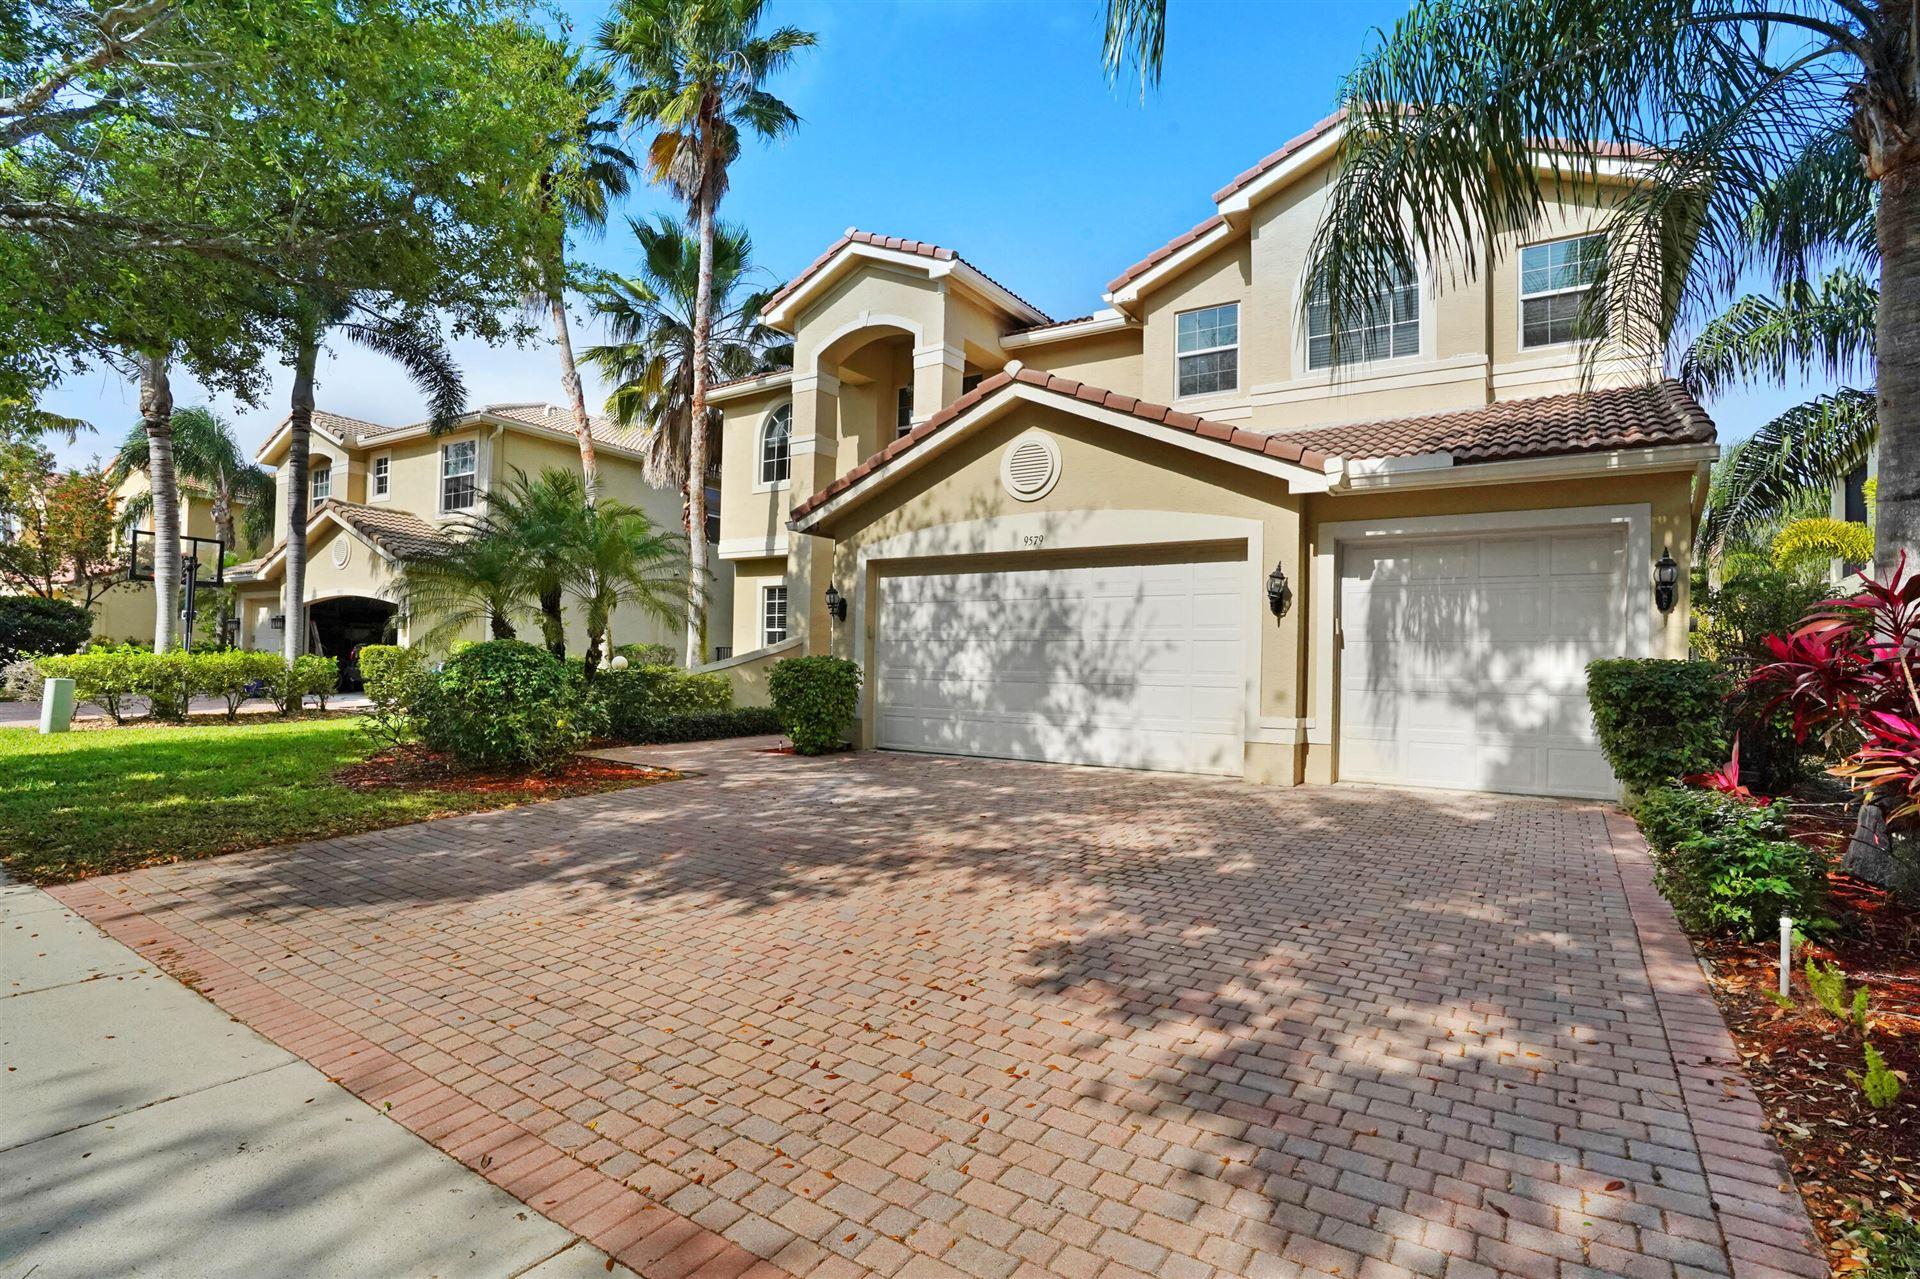 9579 Barletta Winds Pt Point, Delray Beach, FL 33446 - MLS#: RX-10704700